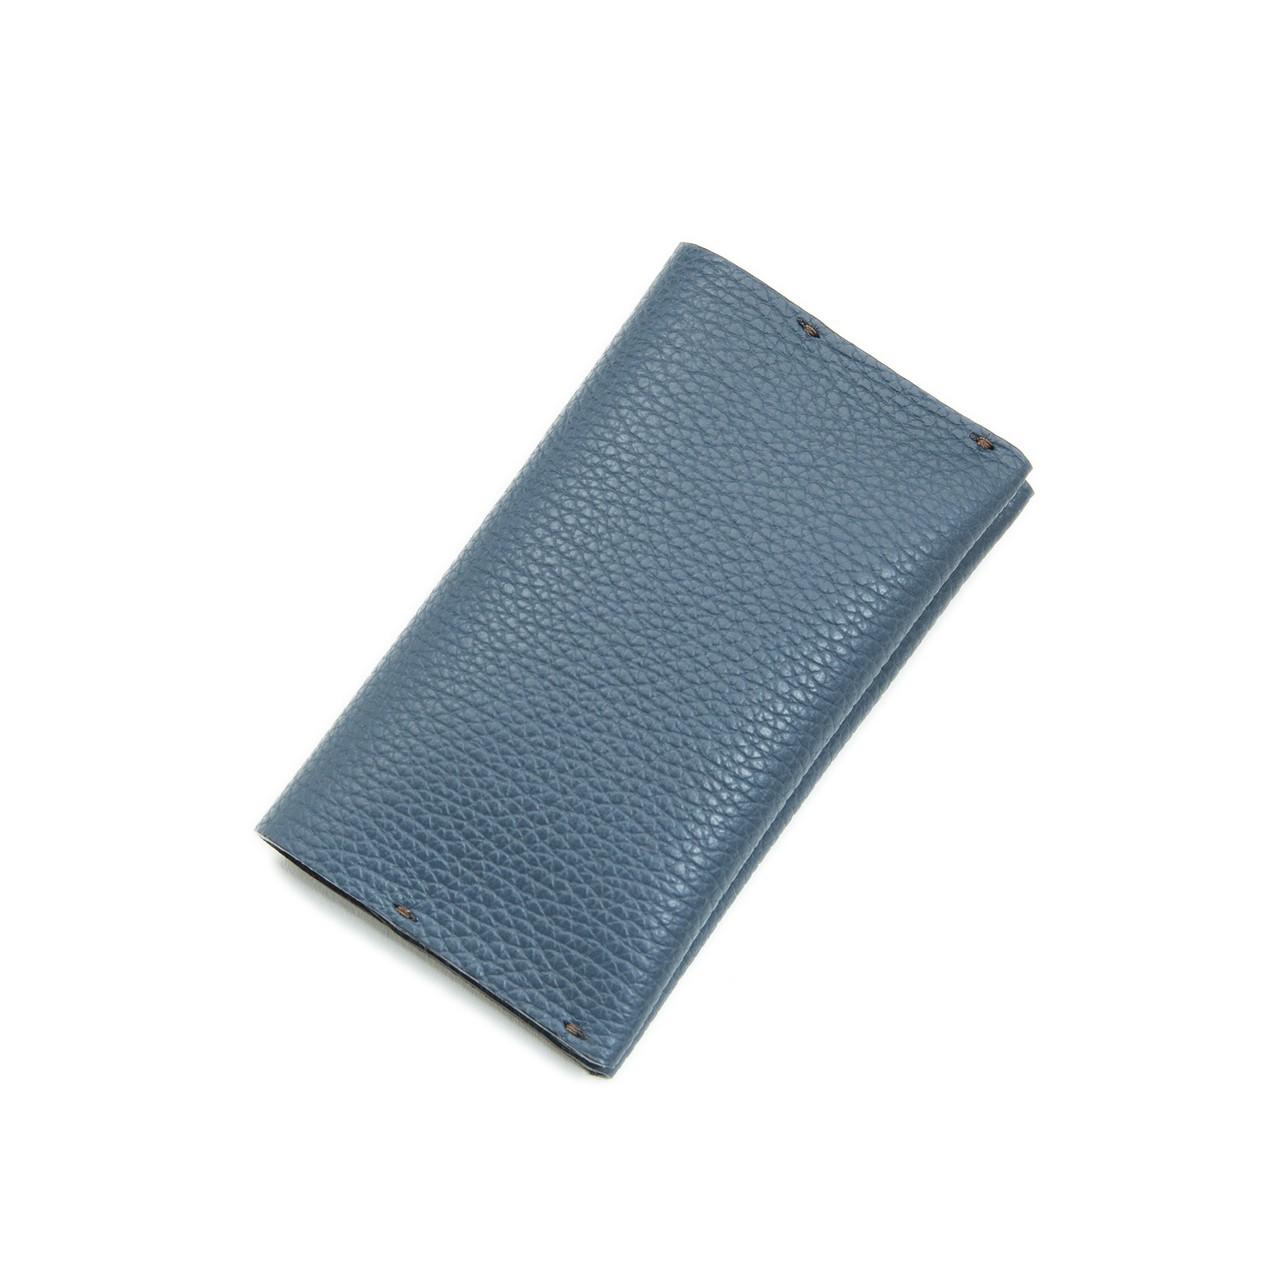 薄型二つ折りカードケース-WRAP CARD CASE BLUE